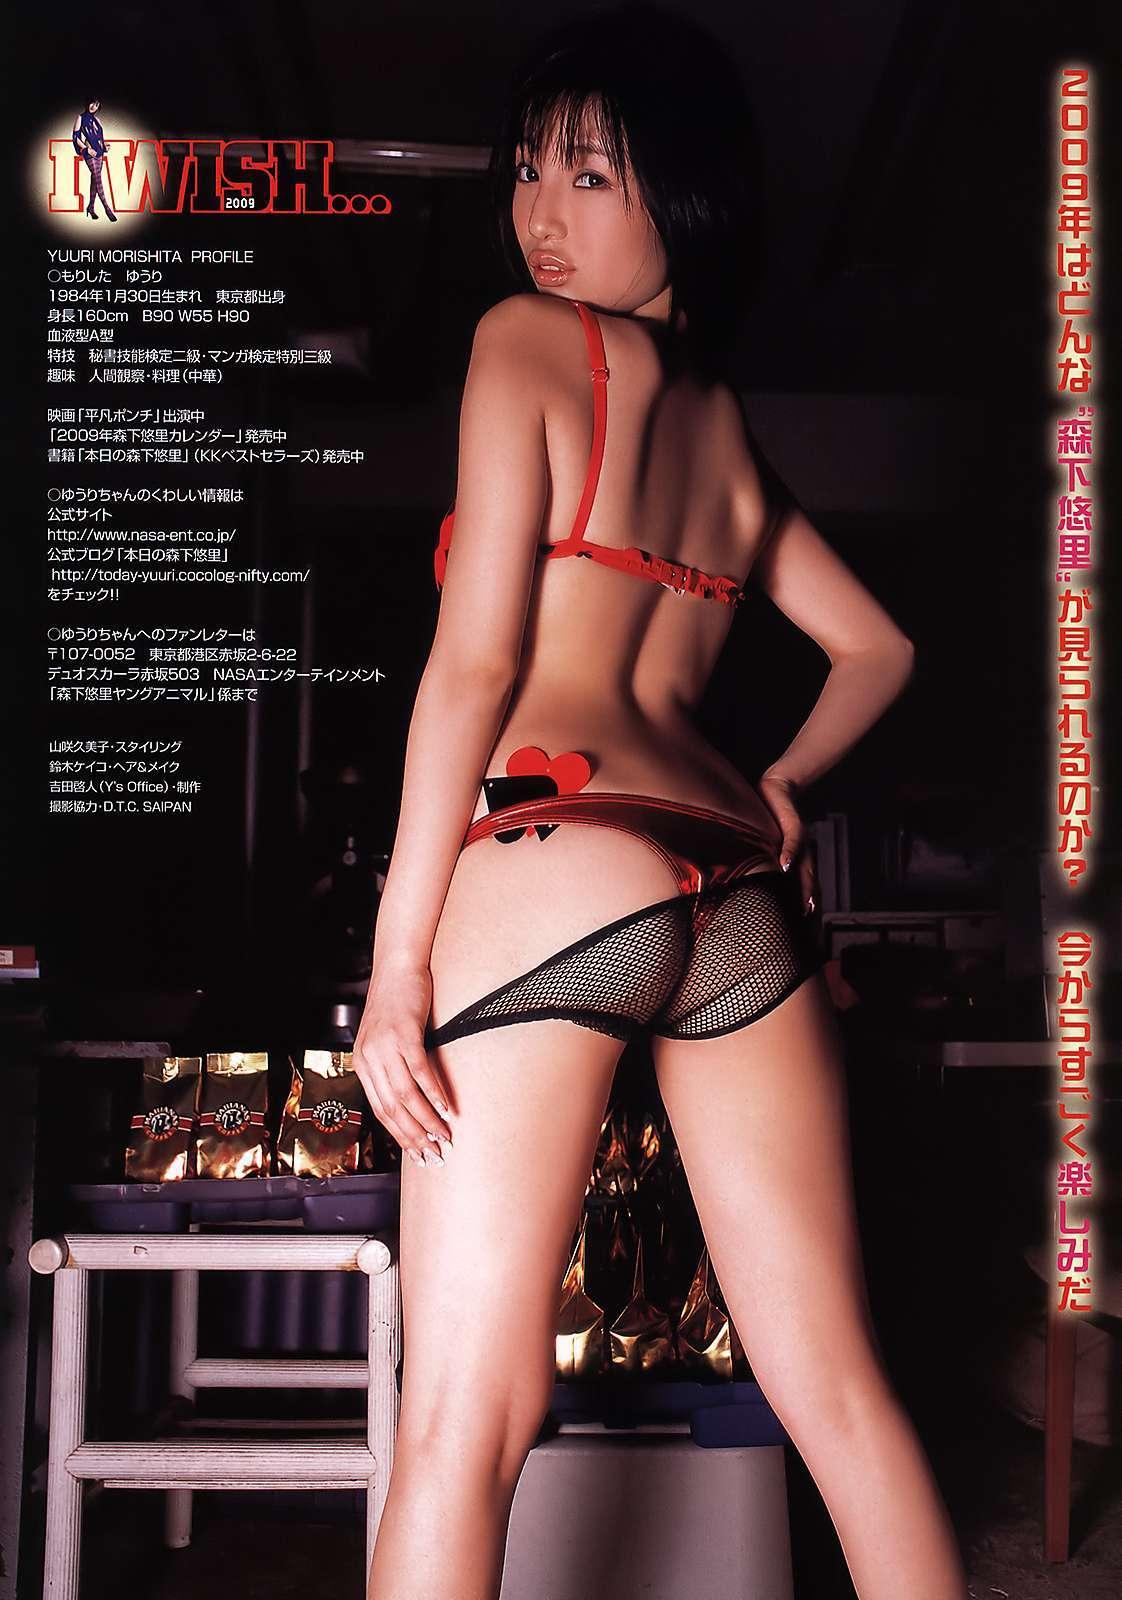 morishita_yuri142.jpg